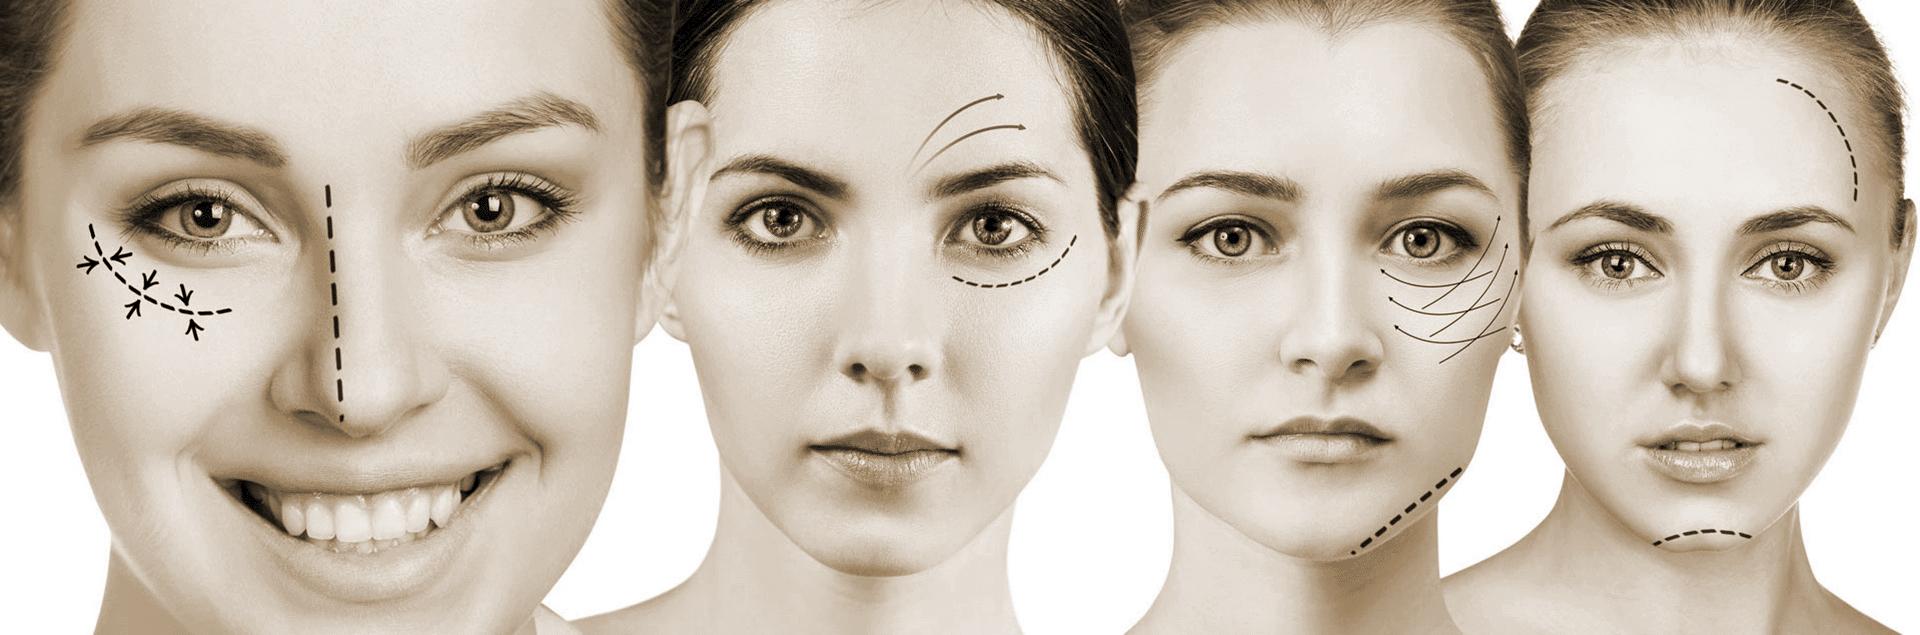 Doctor Charme esegue operazioni di Blefaroplastica, l'intervento di chirurgia estetica del volto che elimina borse, occhiaie e pelle in eccesso.